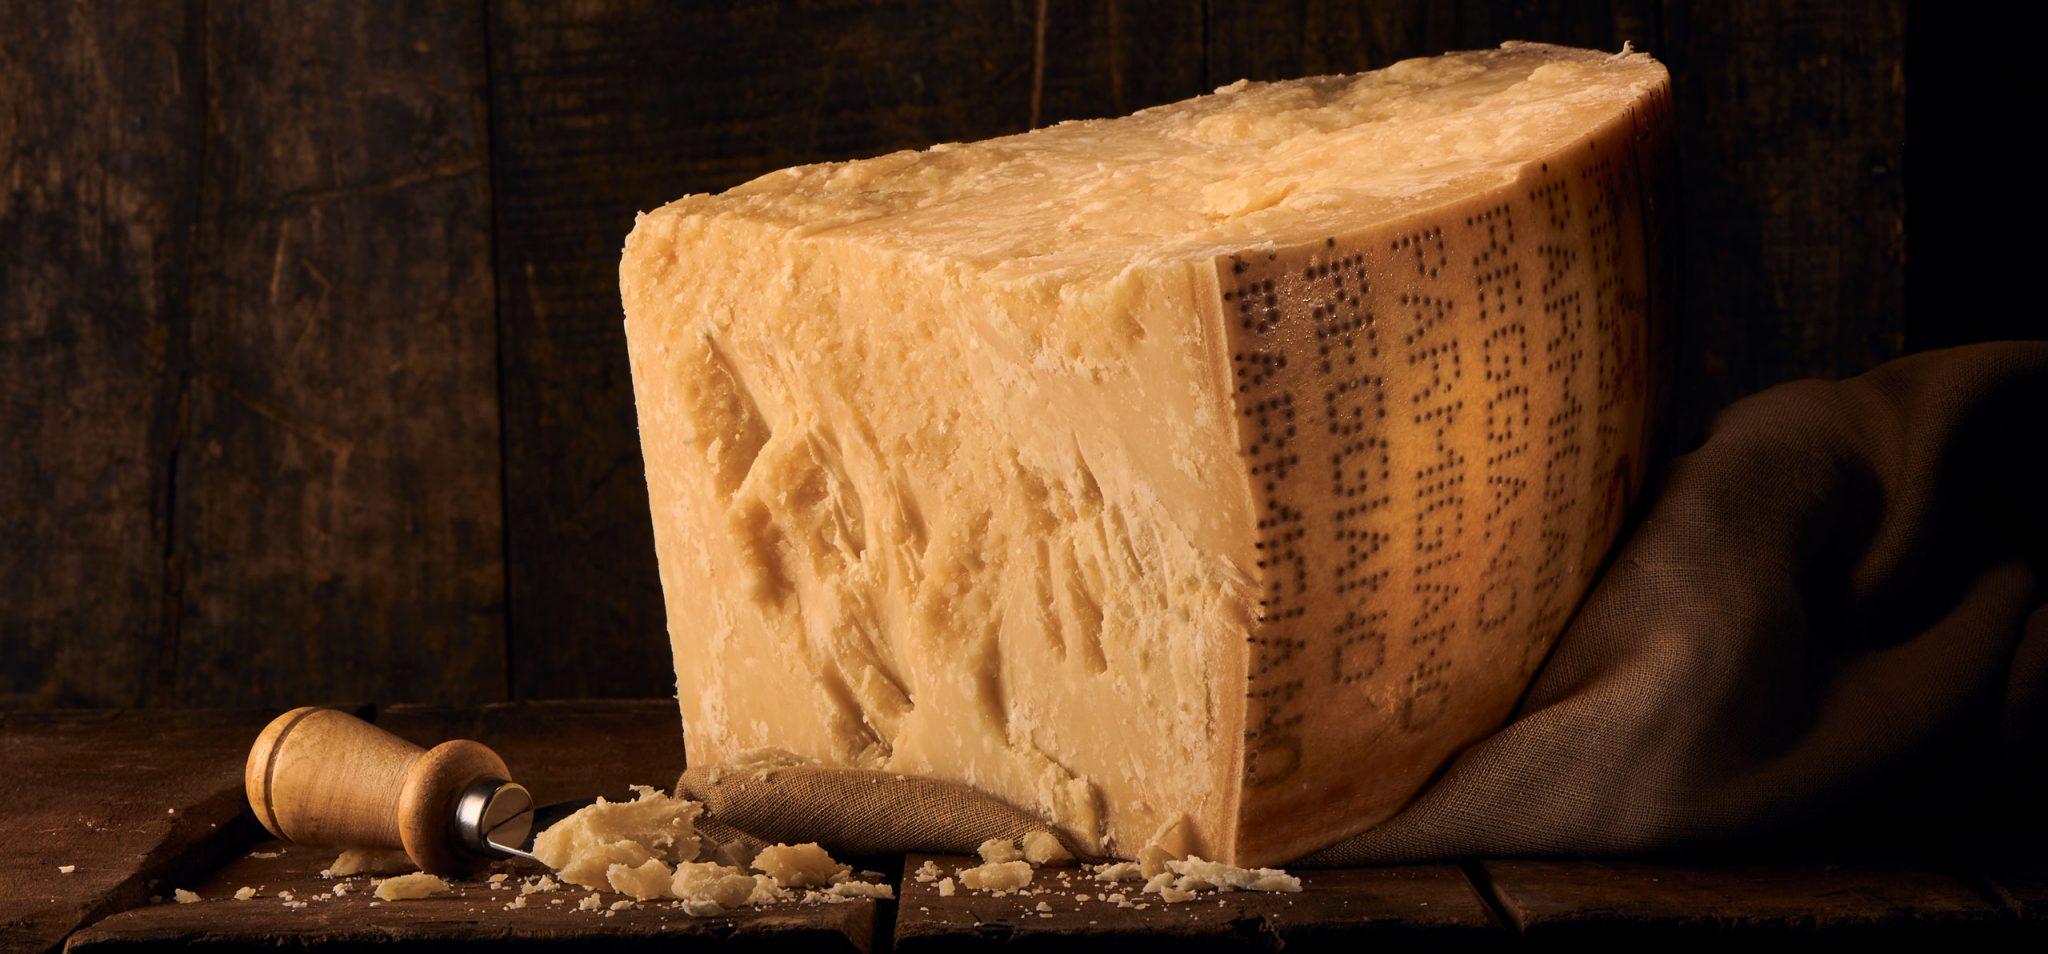 Vestea că suprataxele impuse de Trump brânzeturilor europene vor fi eliminate de Biden, primită cu entuziasm în Italia; câtă brânză exportă România peste ocean